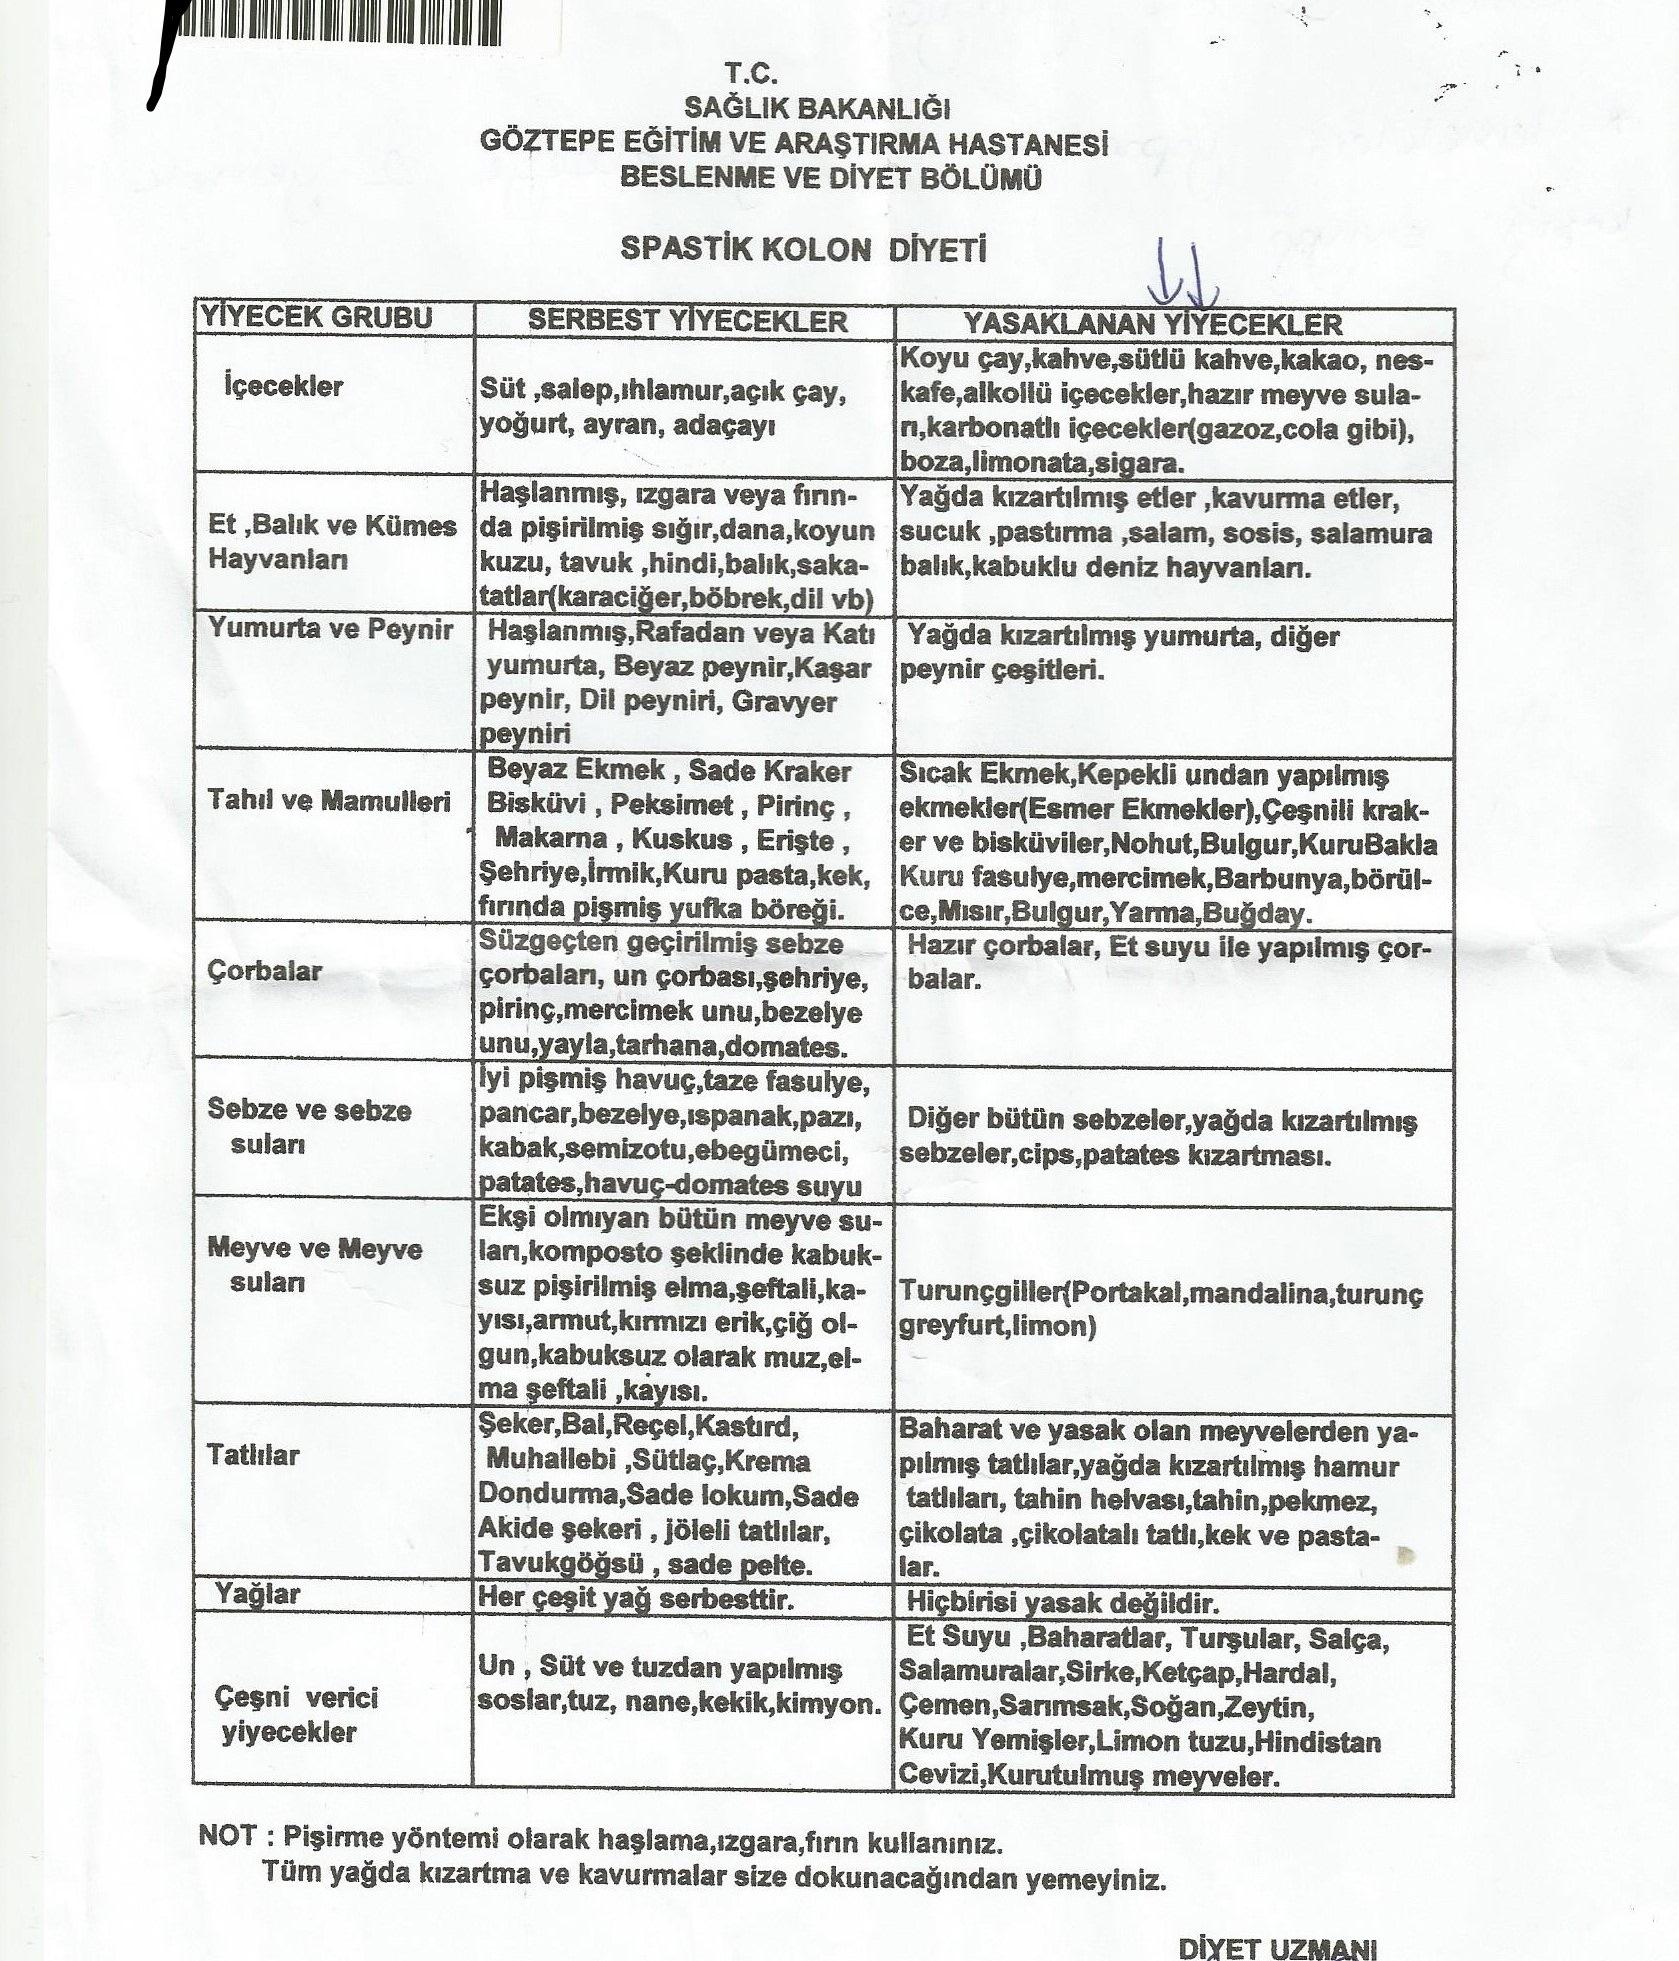 Spastik Kolon (İrritabl Barsak Sendromu) ve Beslenme